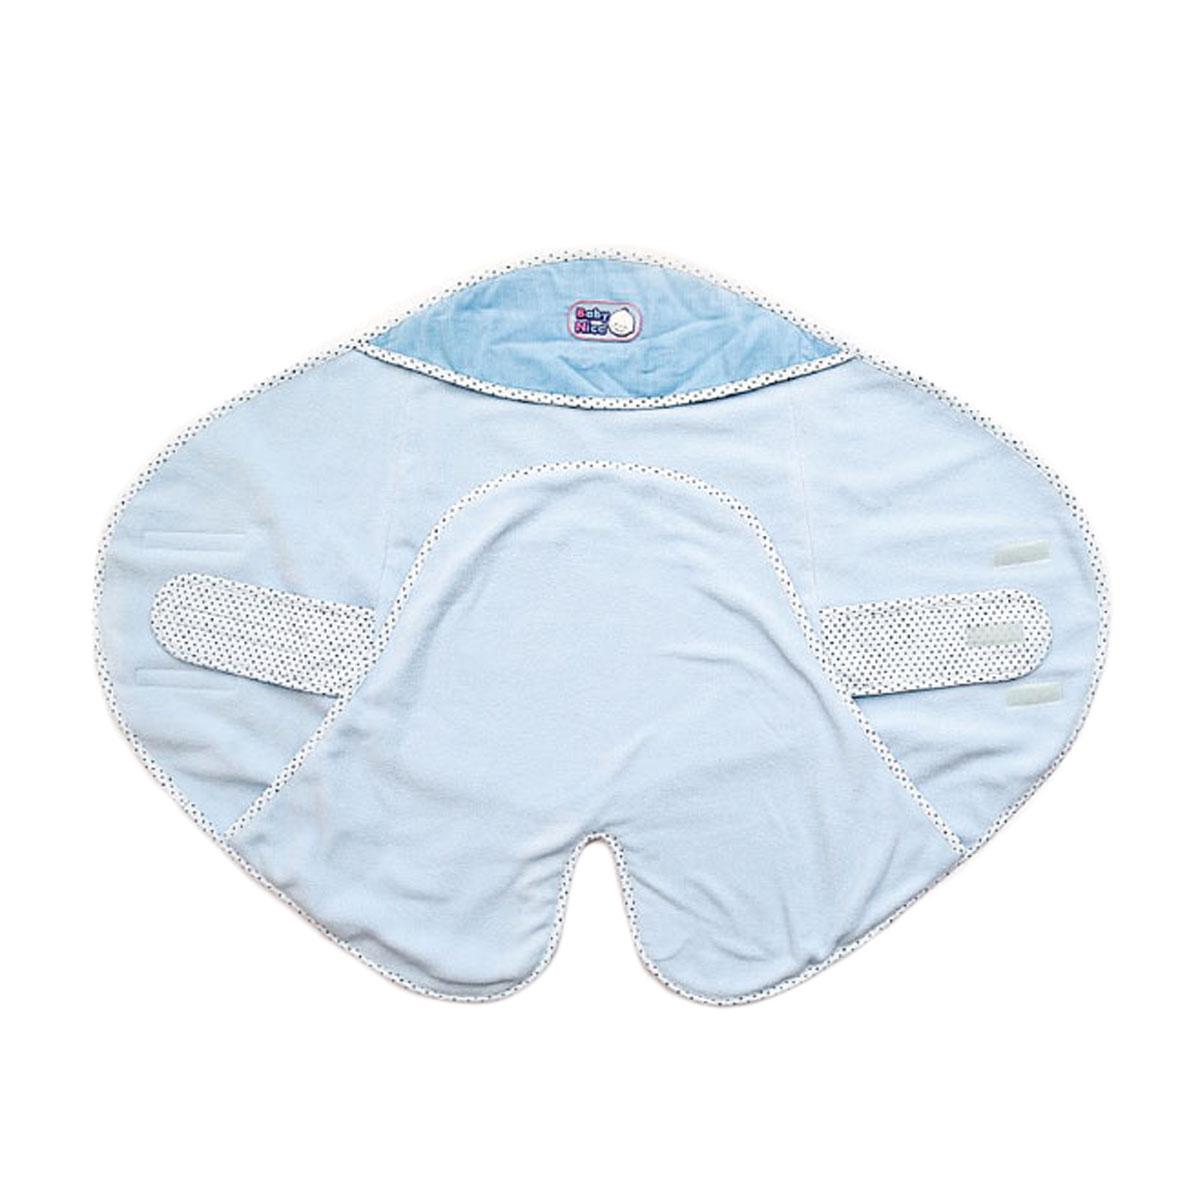 Конверт. Е115048Е115048Теплый и уютный конверт Baby Nice станет незаменимым предметом детского гардероба. Двухслойный конверт выполнен из мягкого и приятного на ощупь вельвета (100% хлопка) на подкладке из теплого мягкого флиса. Гипоаллергенный конверт максимально функционален в использовании, благодаря своей специально разработанной конструкции: внутри вшиты удобные тканевые крепления на липучке, которые обхватывают ребенка, надежно фиксируют на его поясе конверт, обеспечивая плотное прилегание. Карманы для ног внутри позволяют вашему малышу всегда держать ножки в тепле. Также предусмотрен капюшон, которым можно воспользоваться в случае необходимости или в ветреную погоду. Благодаря липучкам можно регулировать ширину конверта. Оформлено изделие контрастными бейками, украшенными гороховым принтом, а также оригинальной нашивкой с названием бренда. Такой конверт - очень комфортная одежда для младенца при любых погодных условиях.